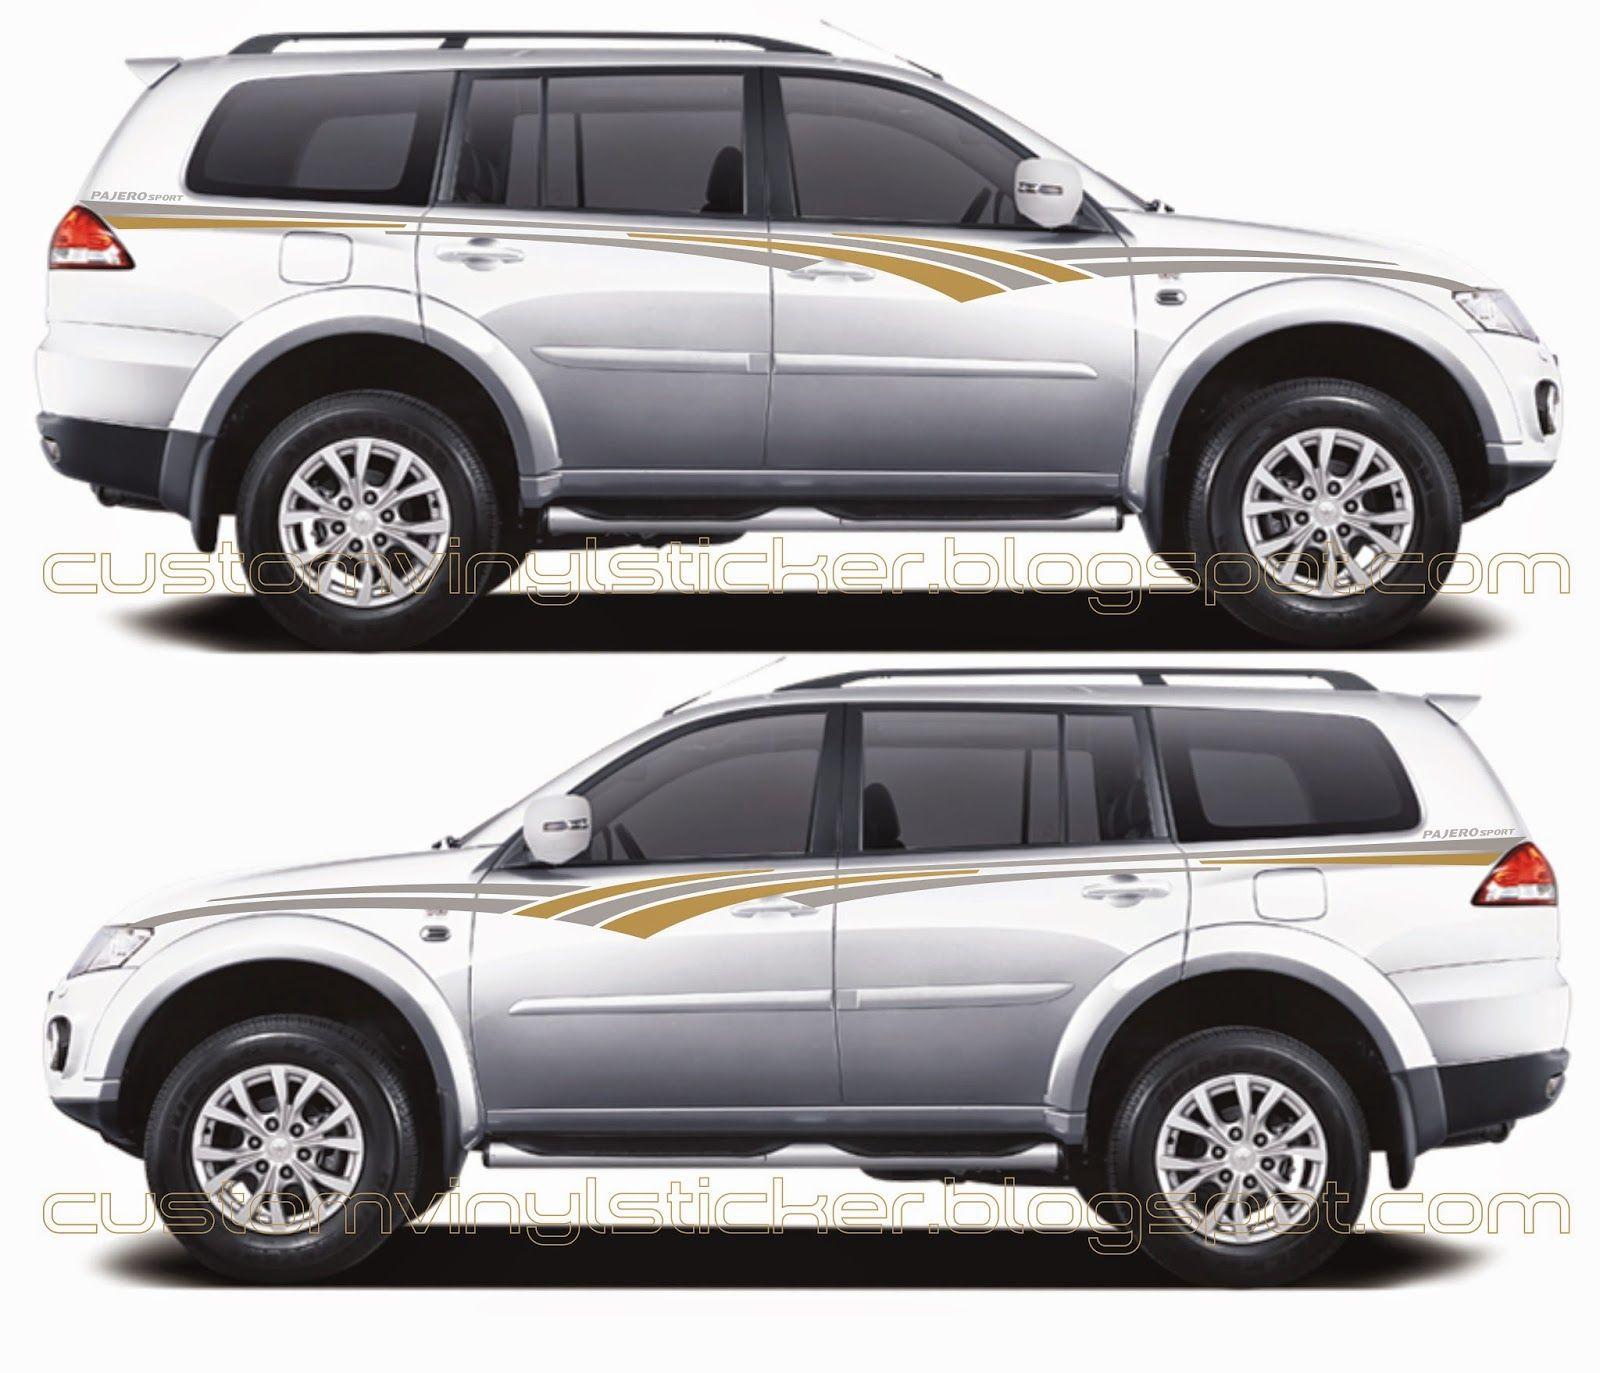 Bike stickers design discover - Mitsubishi Pajero White Grey Gold Strip Sticker Concept